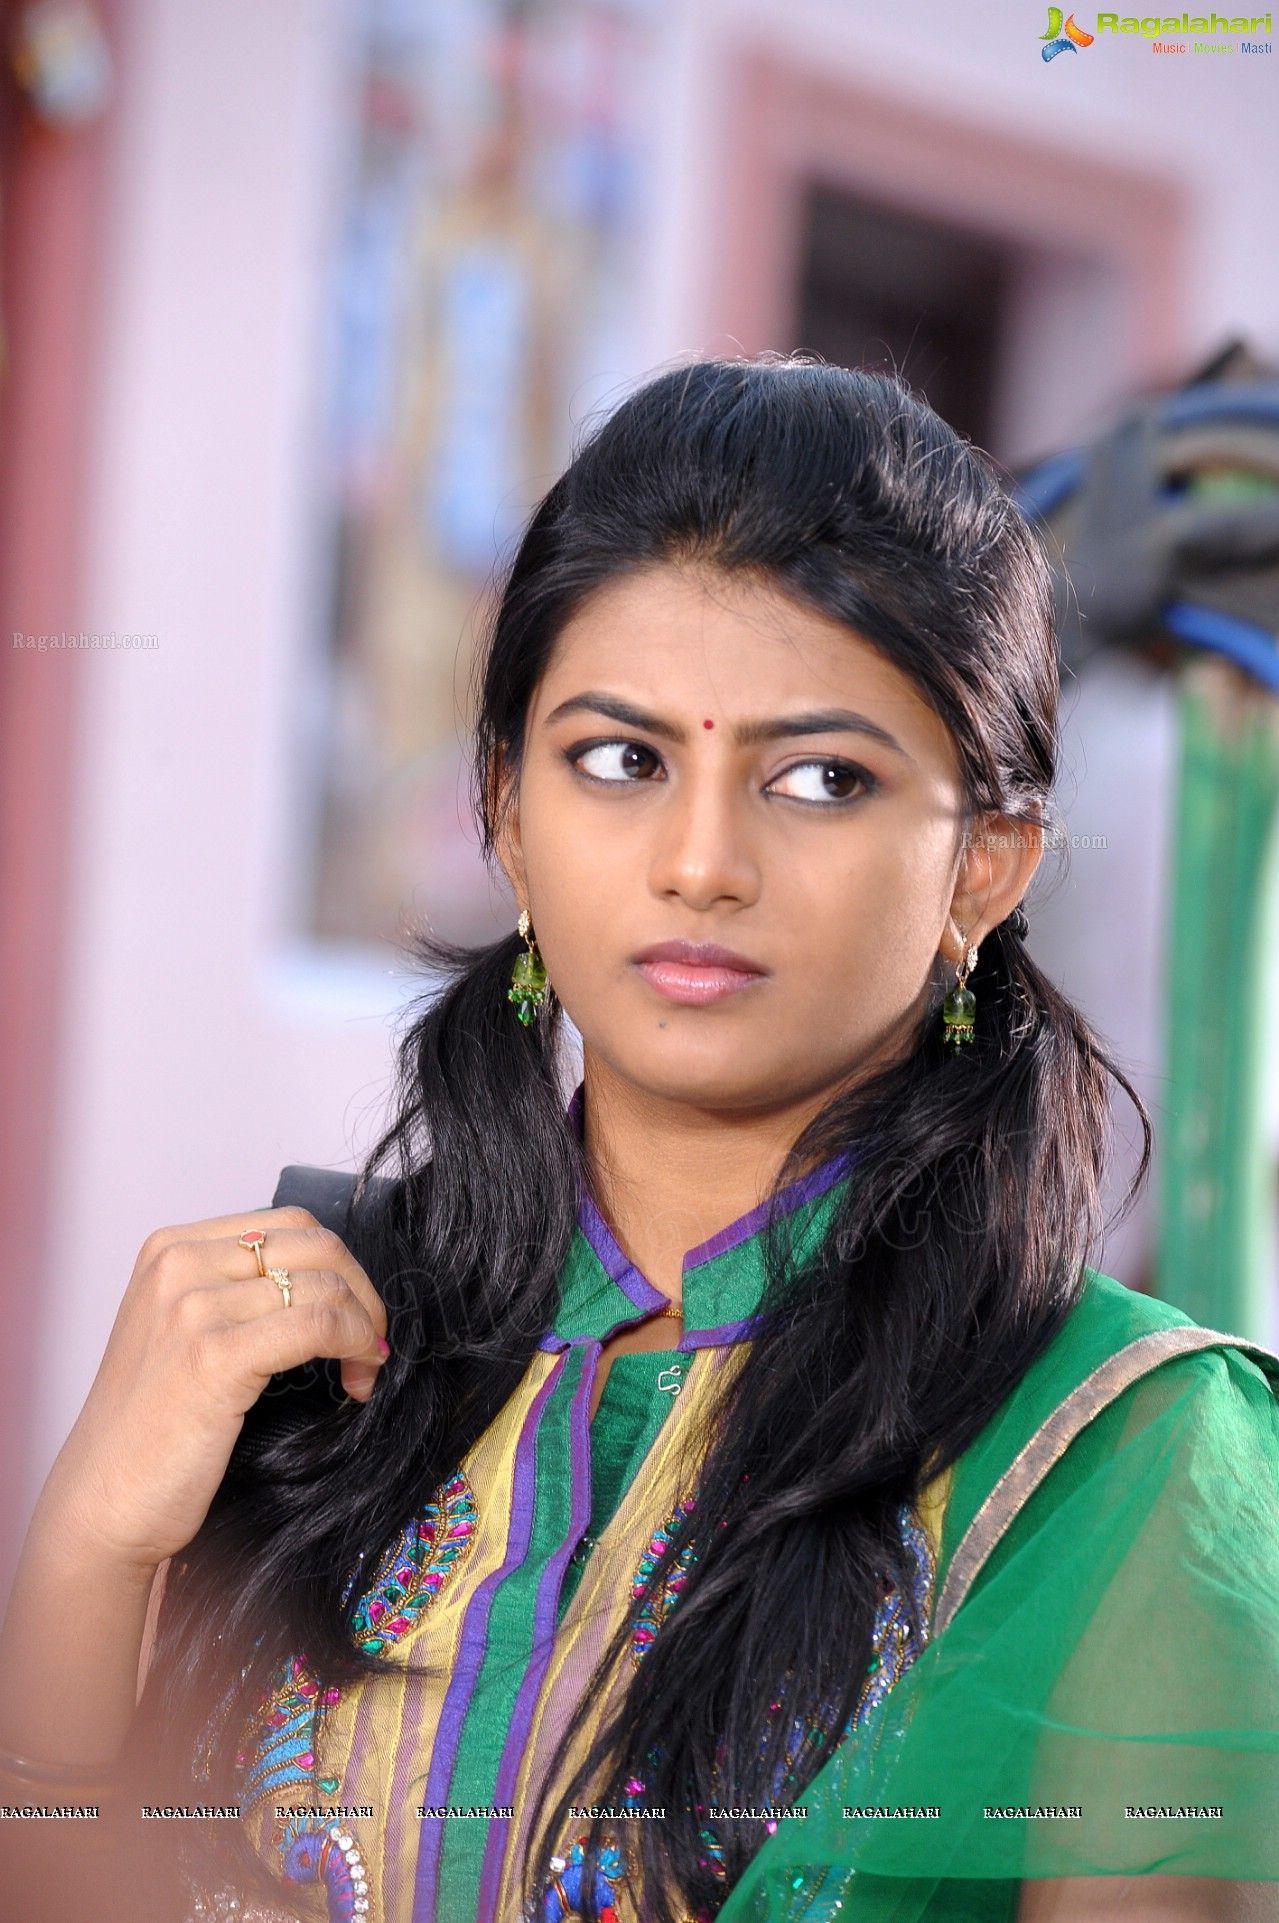 Haasika Image 40  Actresses, Beautiful Indian Actress -4675